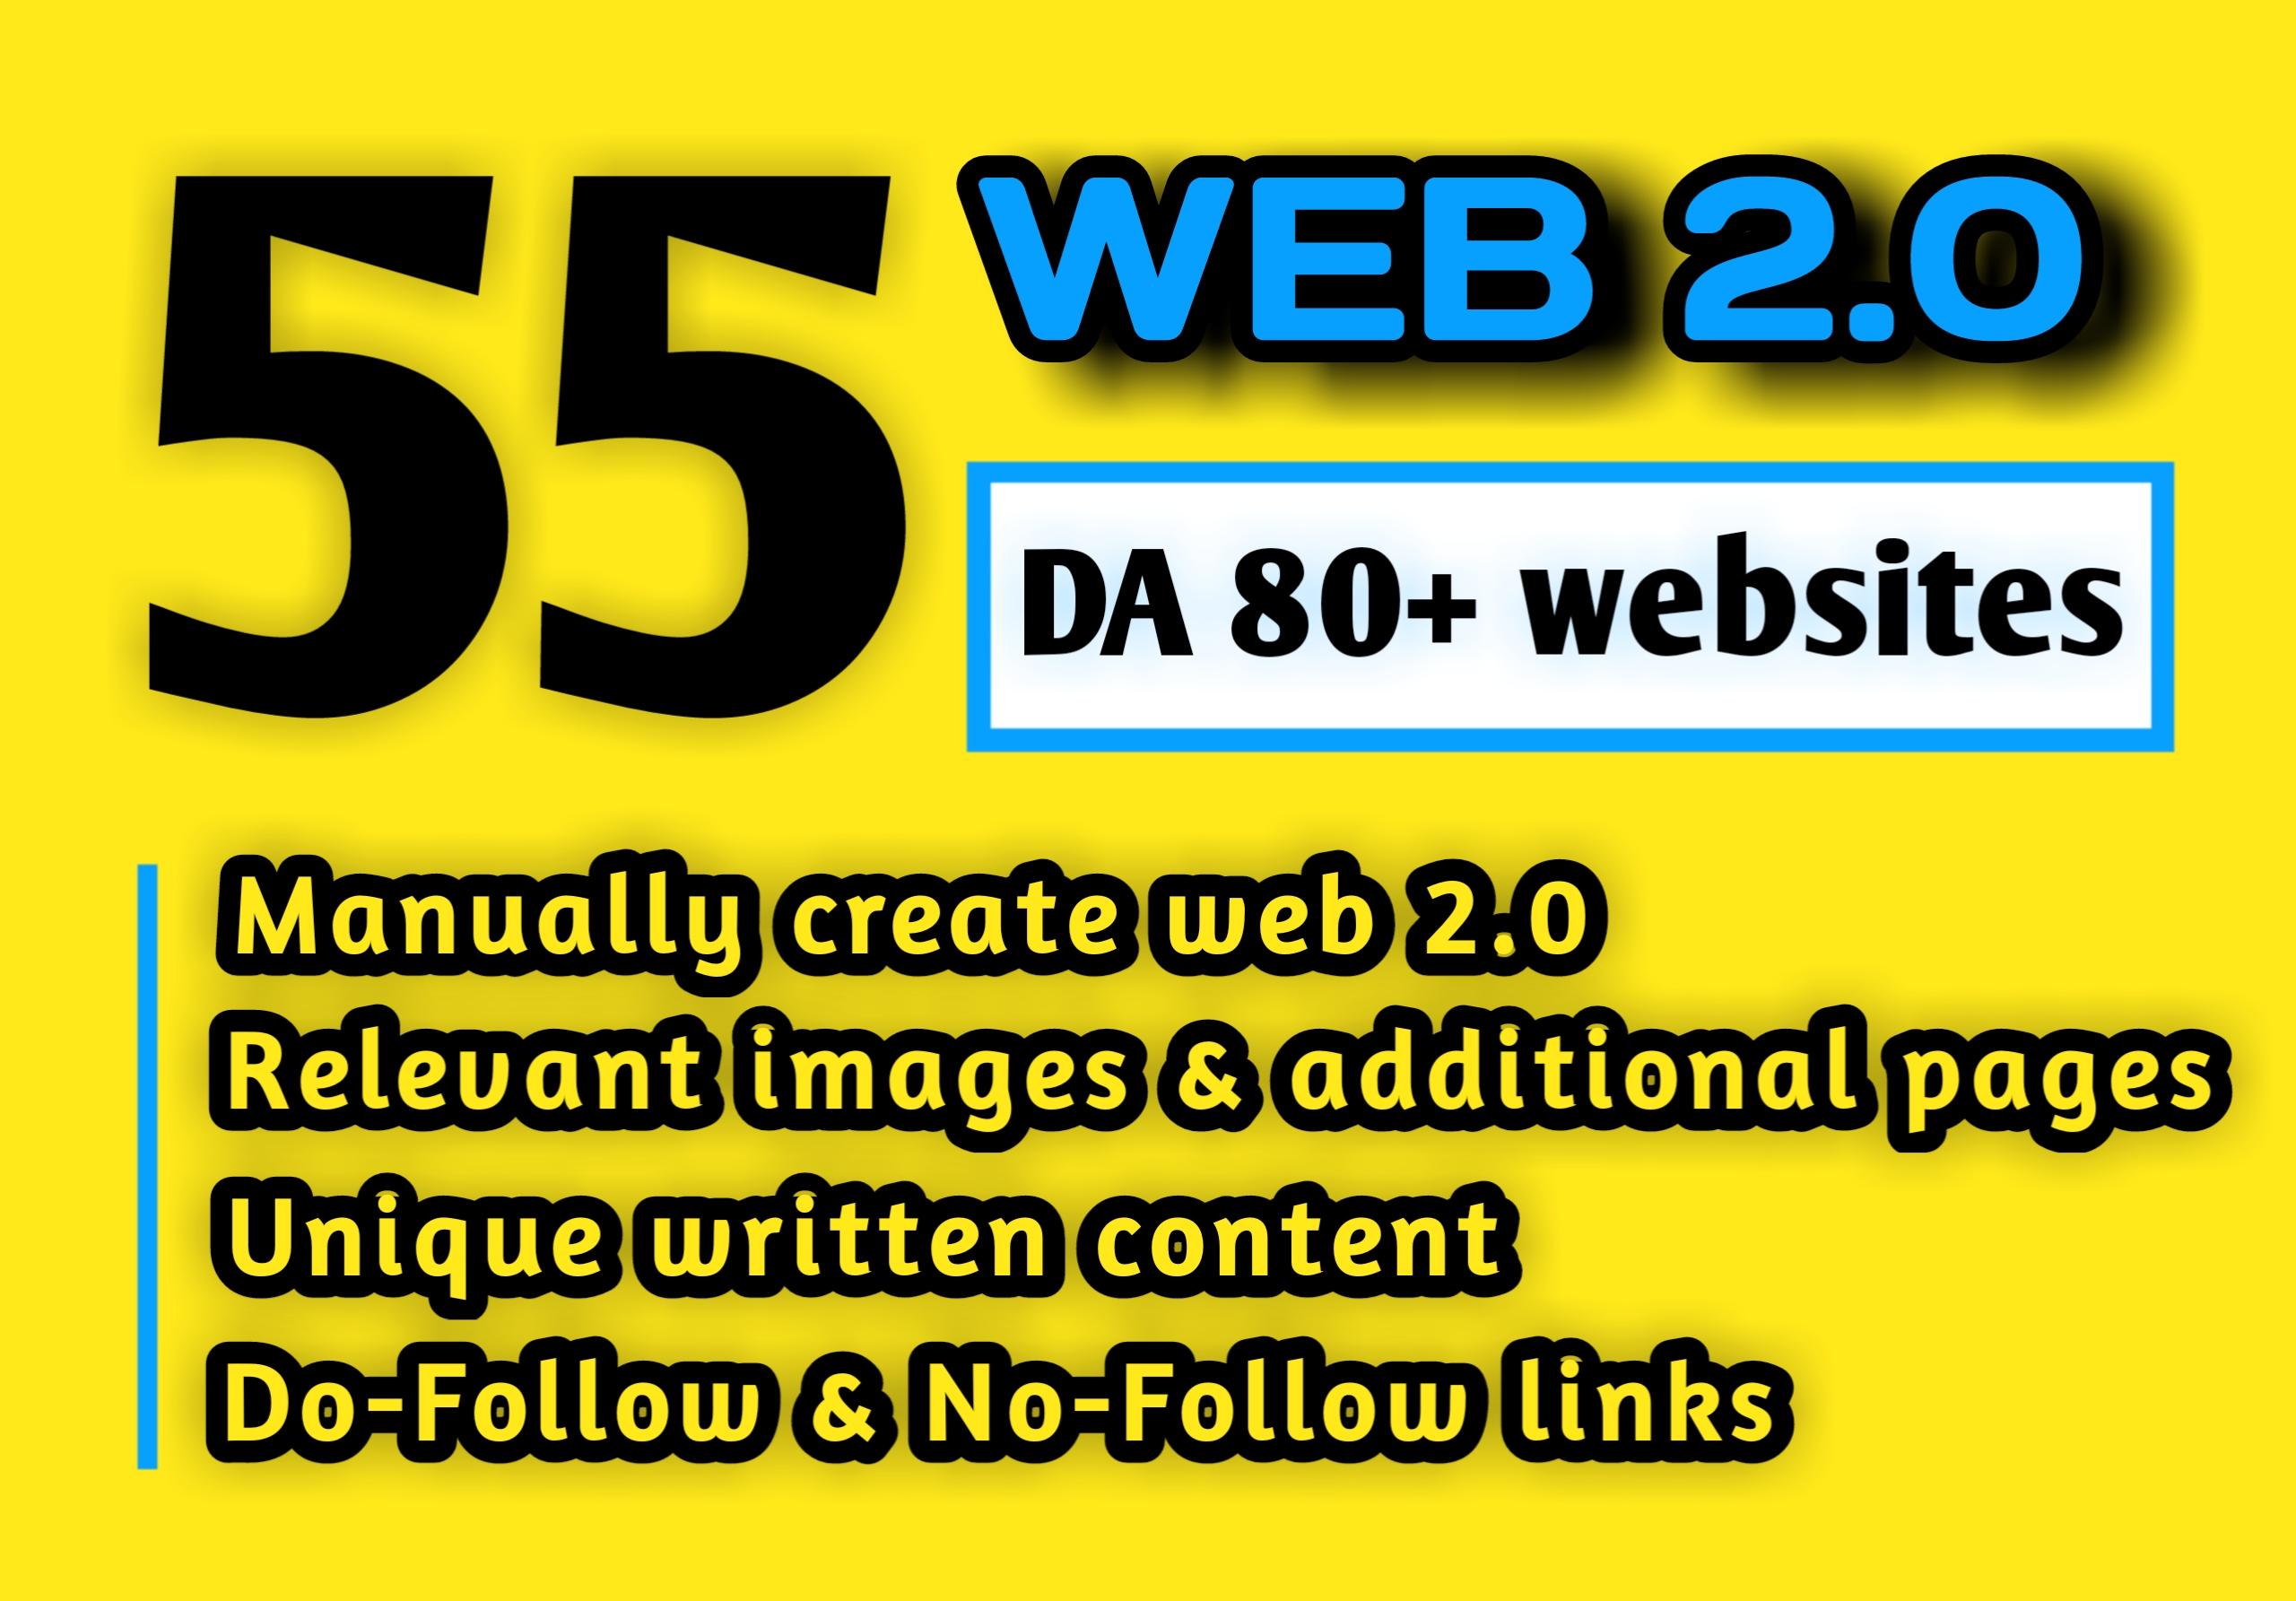 55 HQ DA 80+ WEB 2.0 BACKLINKS